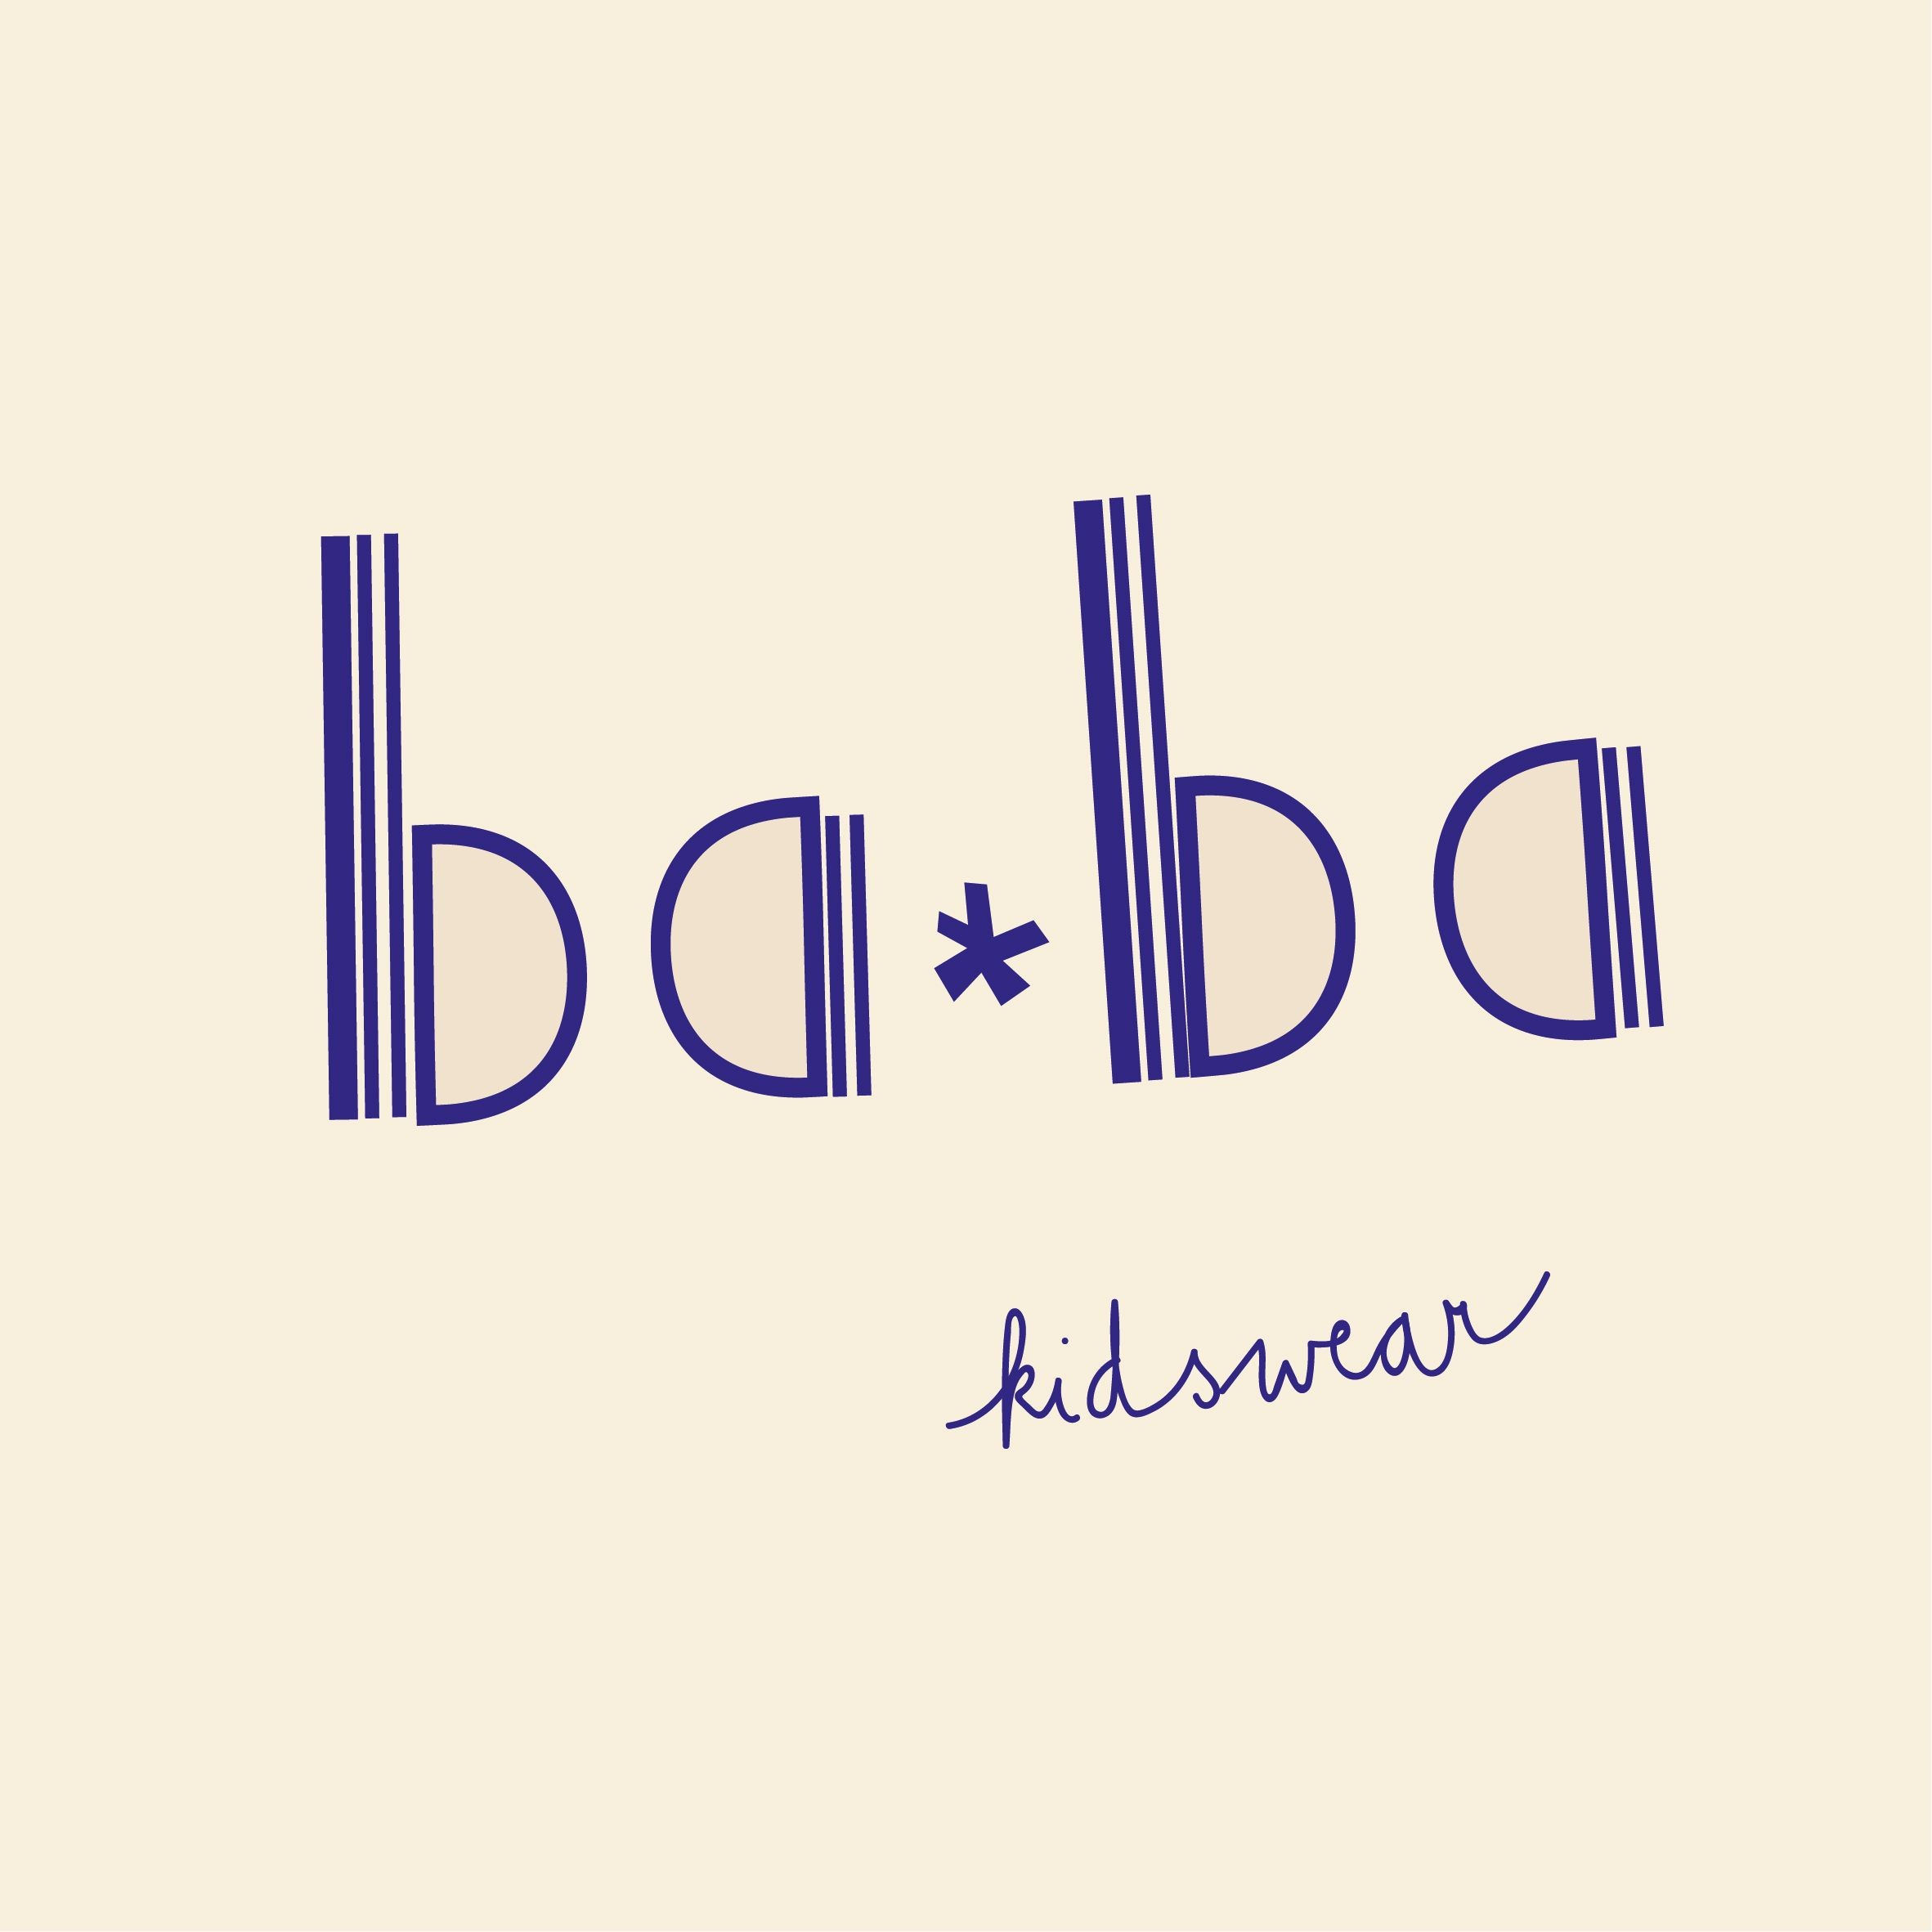 Baba Kidswear